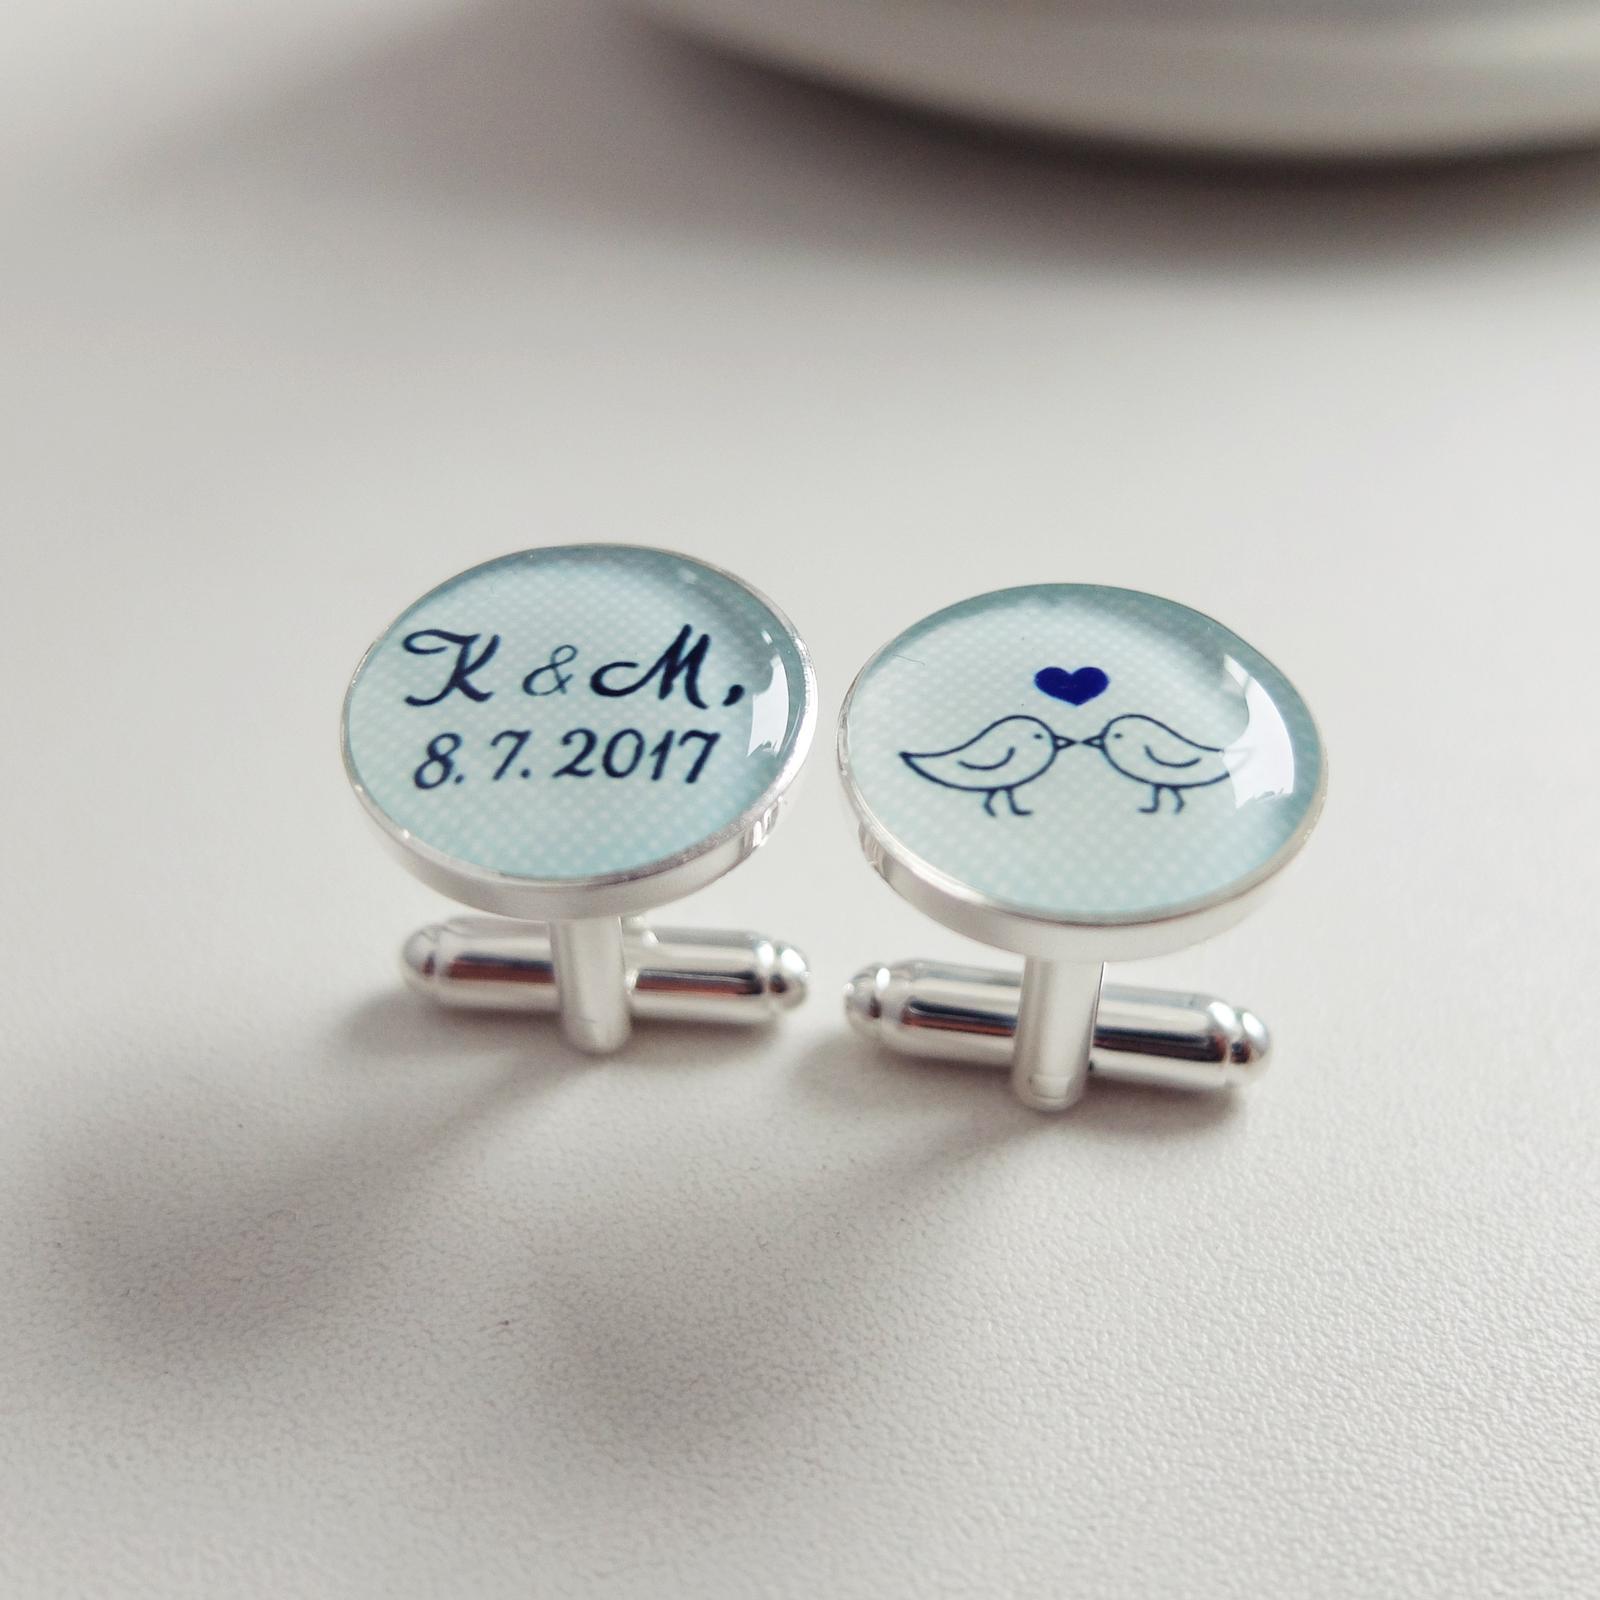 Svatby roku 2017 - manžetky s jemnými mint puntíčky na červencovou svatbu ! Pro návrh vlastního šperku na přání využijte náš formulář na eshopu: http://bit.ly/_sperky_na_prani